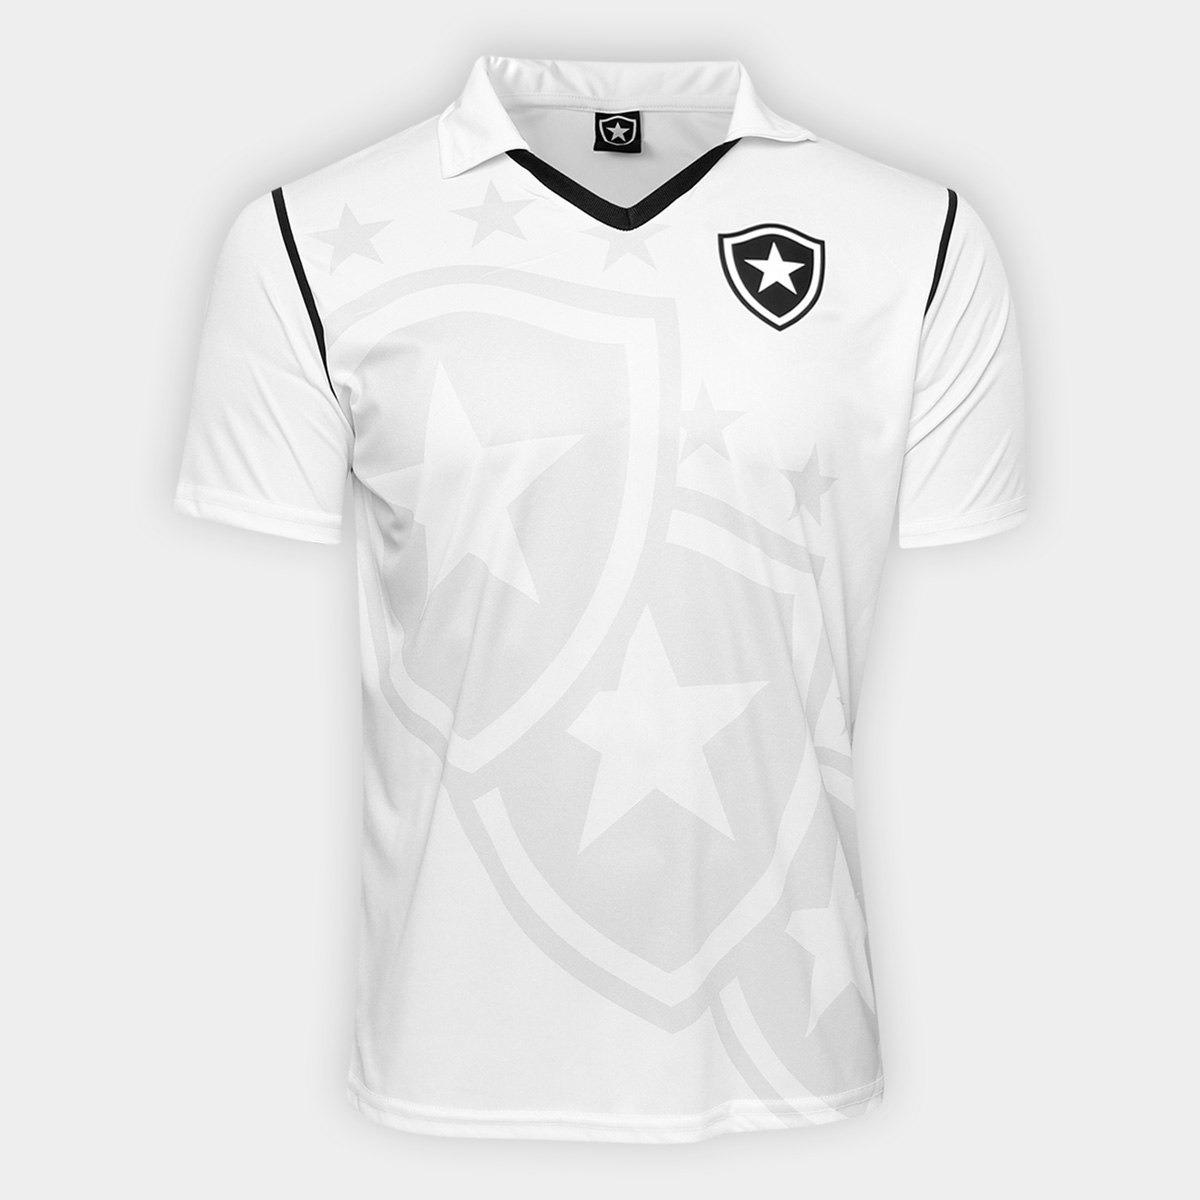 d15809bcf Camisa Botafogo Escudo Com Estrela Masculina Campeao Rio - R  120